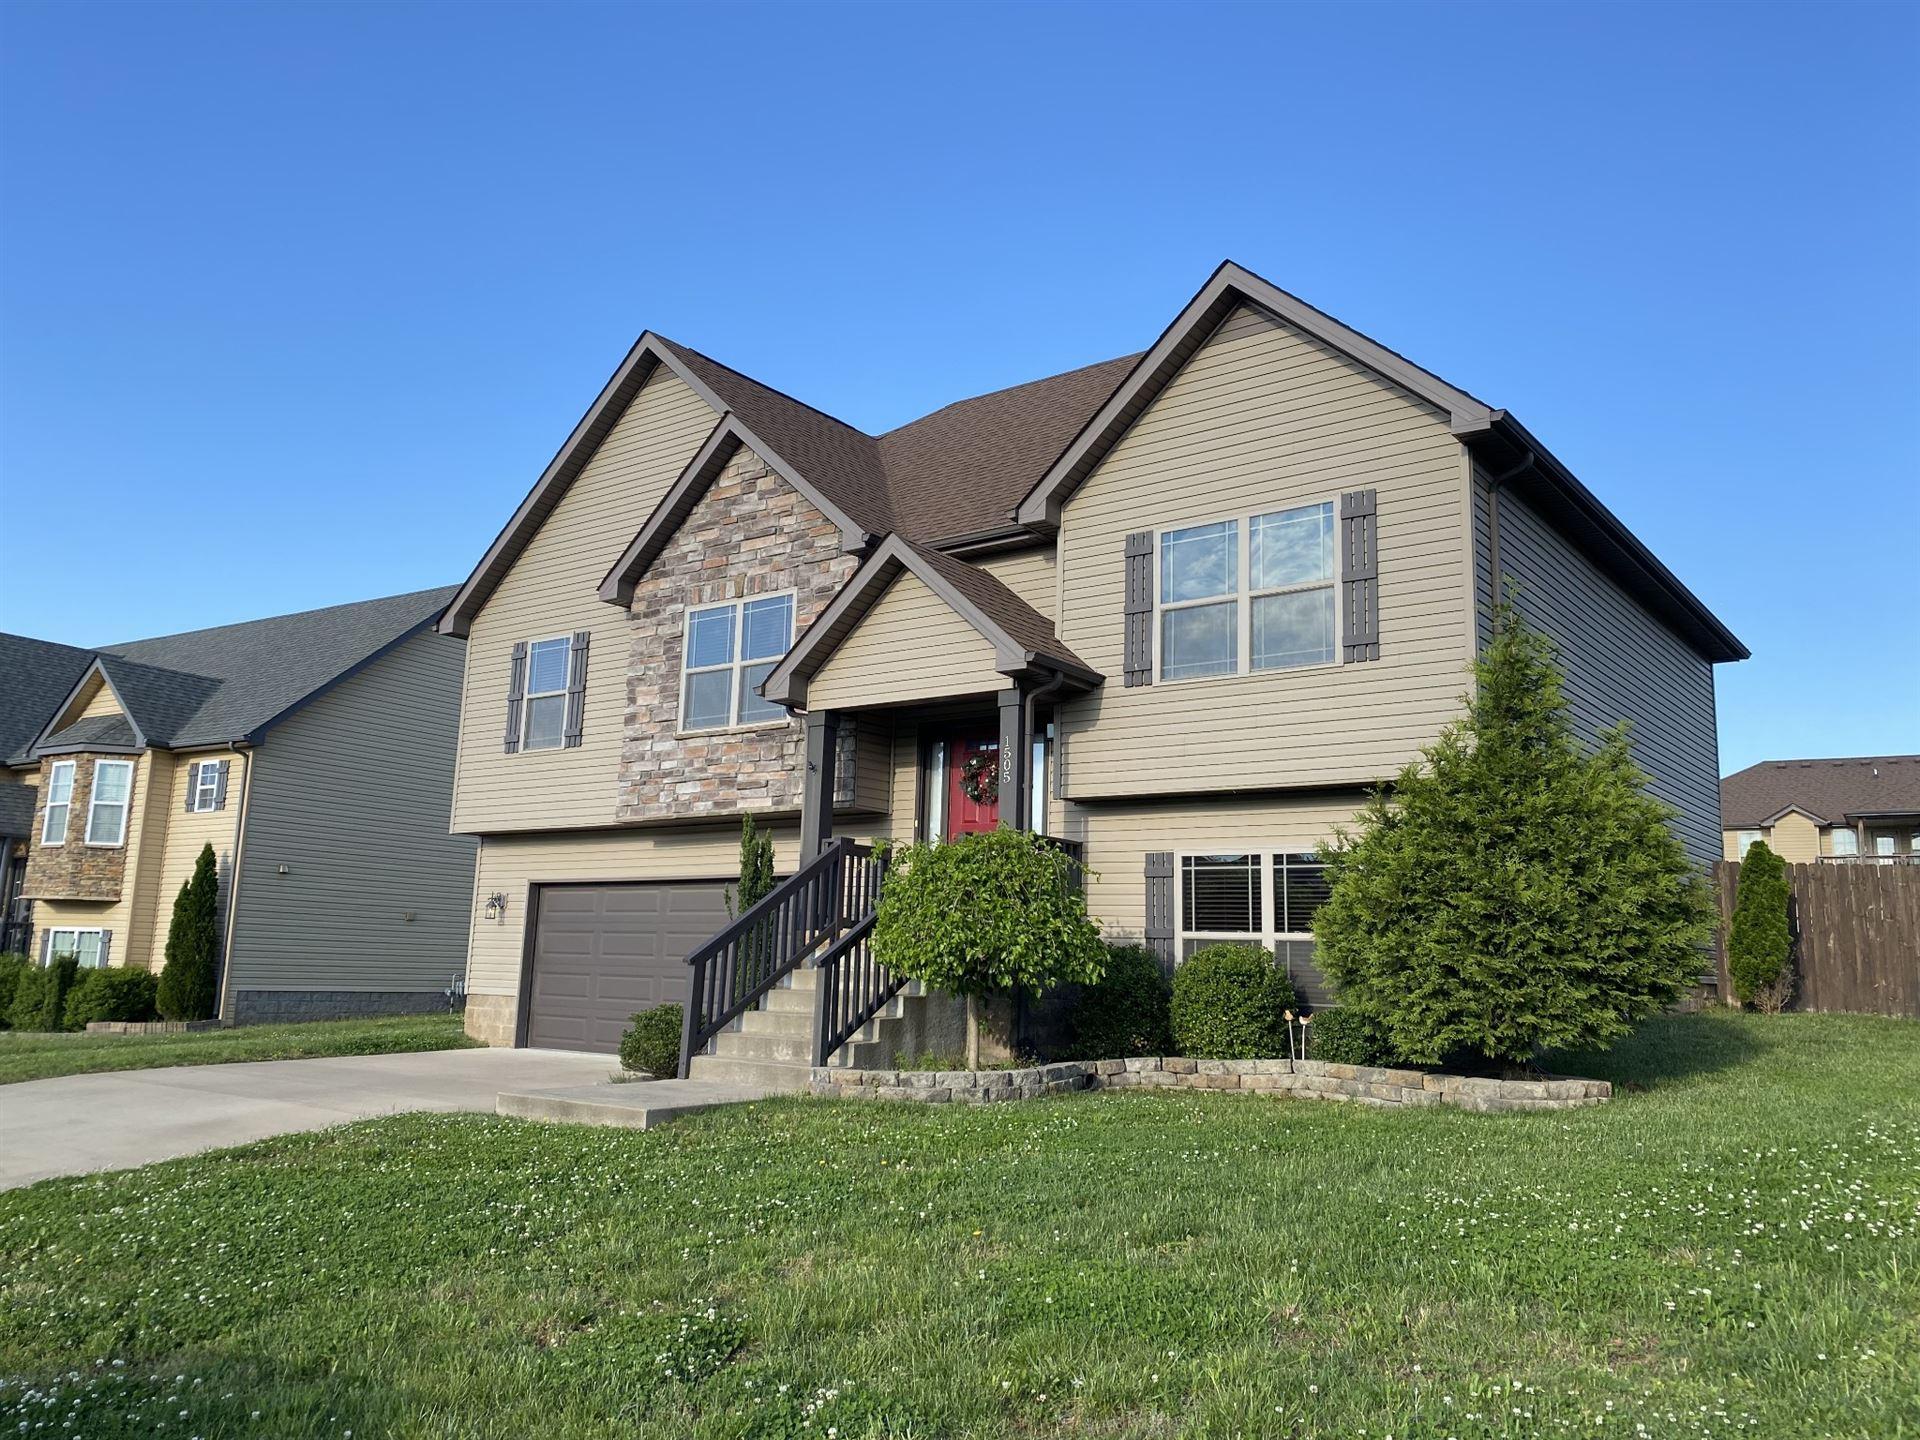 1505 Eads Ct, Clarksville, TN 37043 - MLS#: 2250268